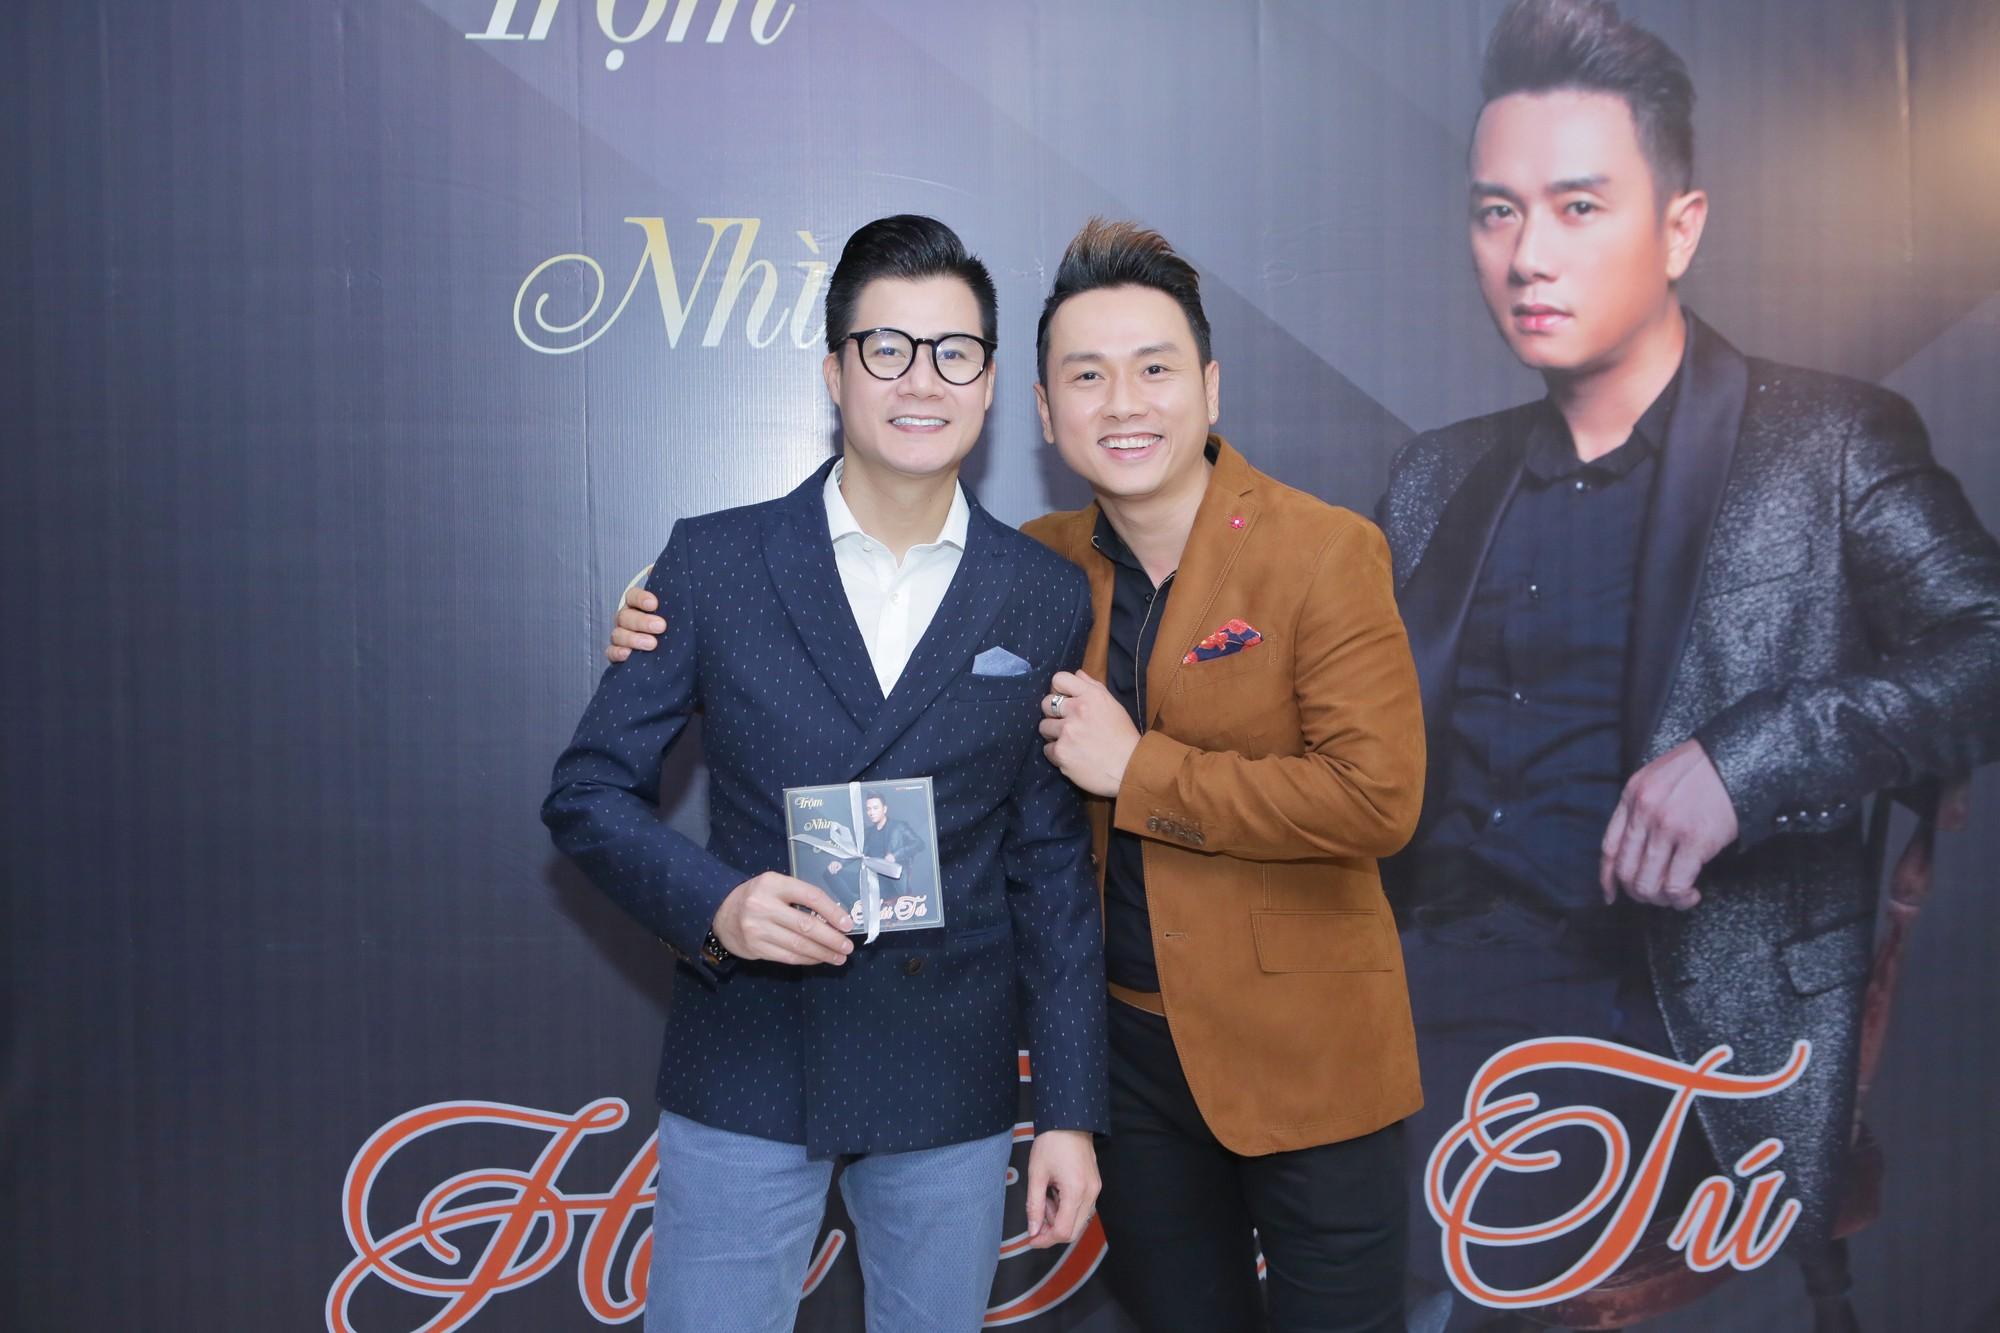 Hàn Thái Tú lần đầu hát nhạc Bolero, kiên quyết ra album dạng CD dù biết bán không có lời - Ảnh 2.